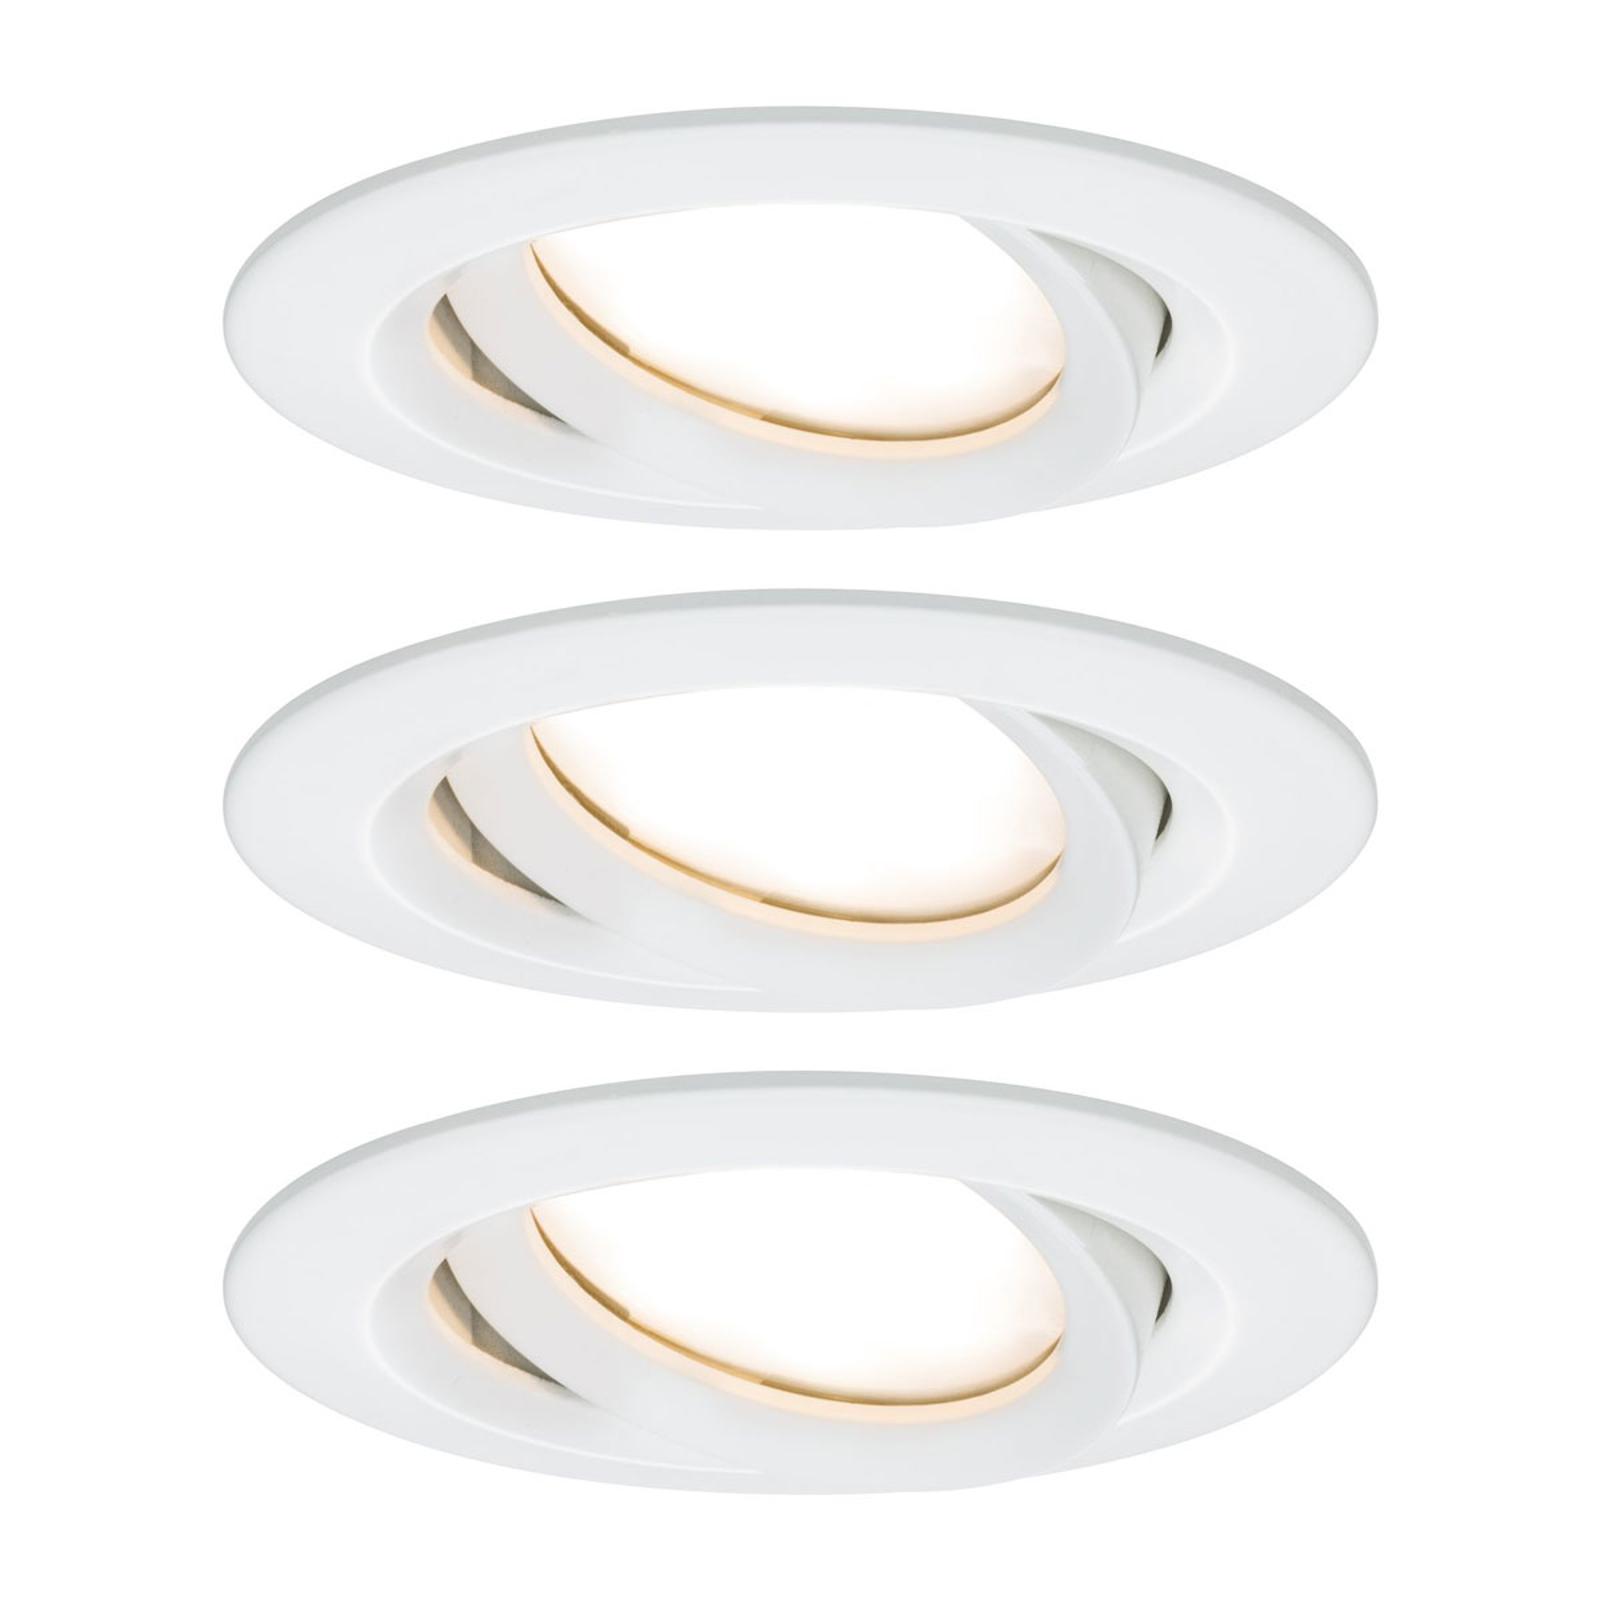 Paulmann Nova Plus 3er LED-plass rund hvit